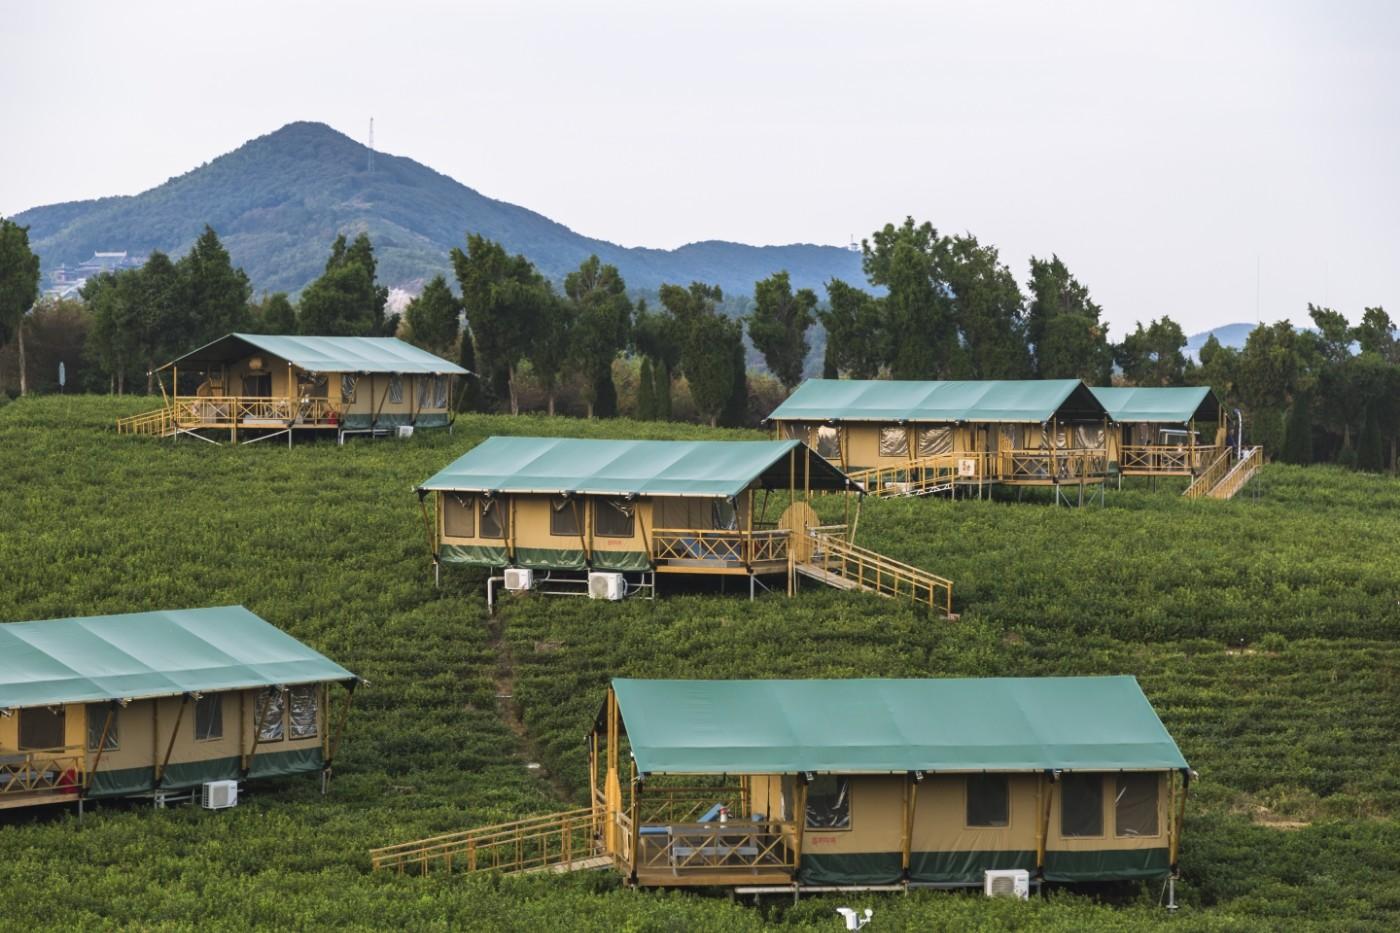 喜马拉雅野奢帐篷酒店—宝盛园夜色13